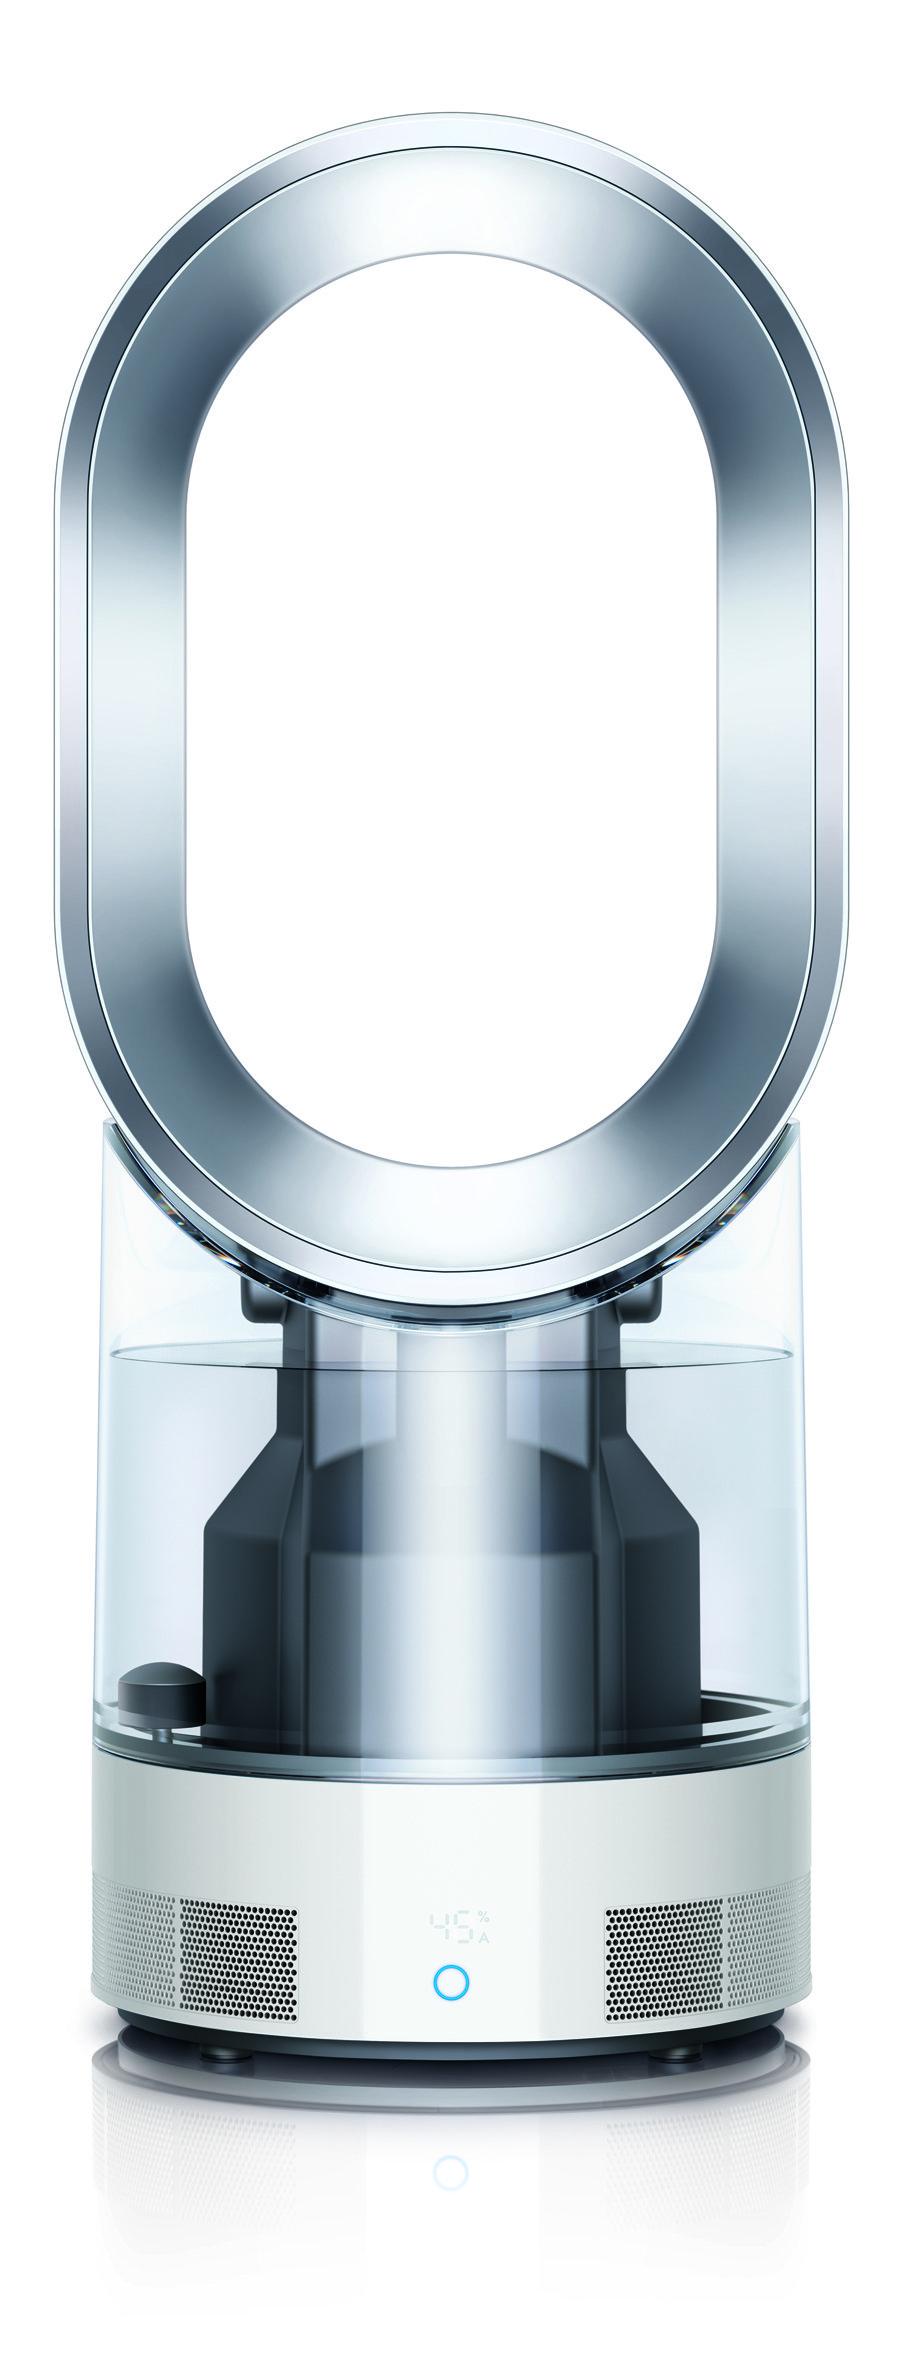 """Die von Dyson patentierte """"Ultraviolet Cleanse Technologie"""" reinigt das Wasser im Wassertank des Luftbefeuchters. Durch die Bestrahlung mit UV-C Licht sterben 99,9% der darin enthaltenen Bakterien ab."""